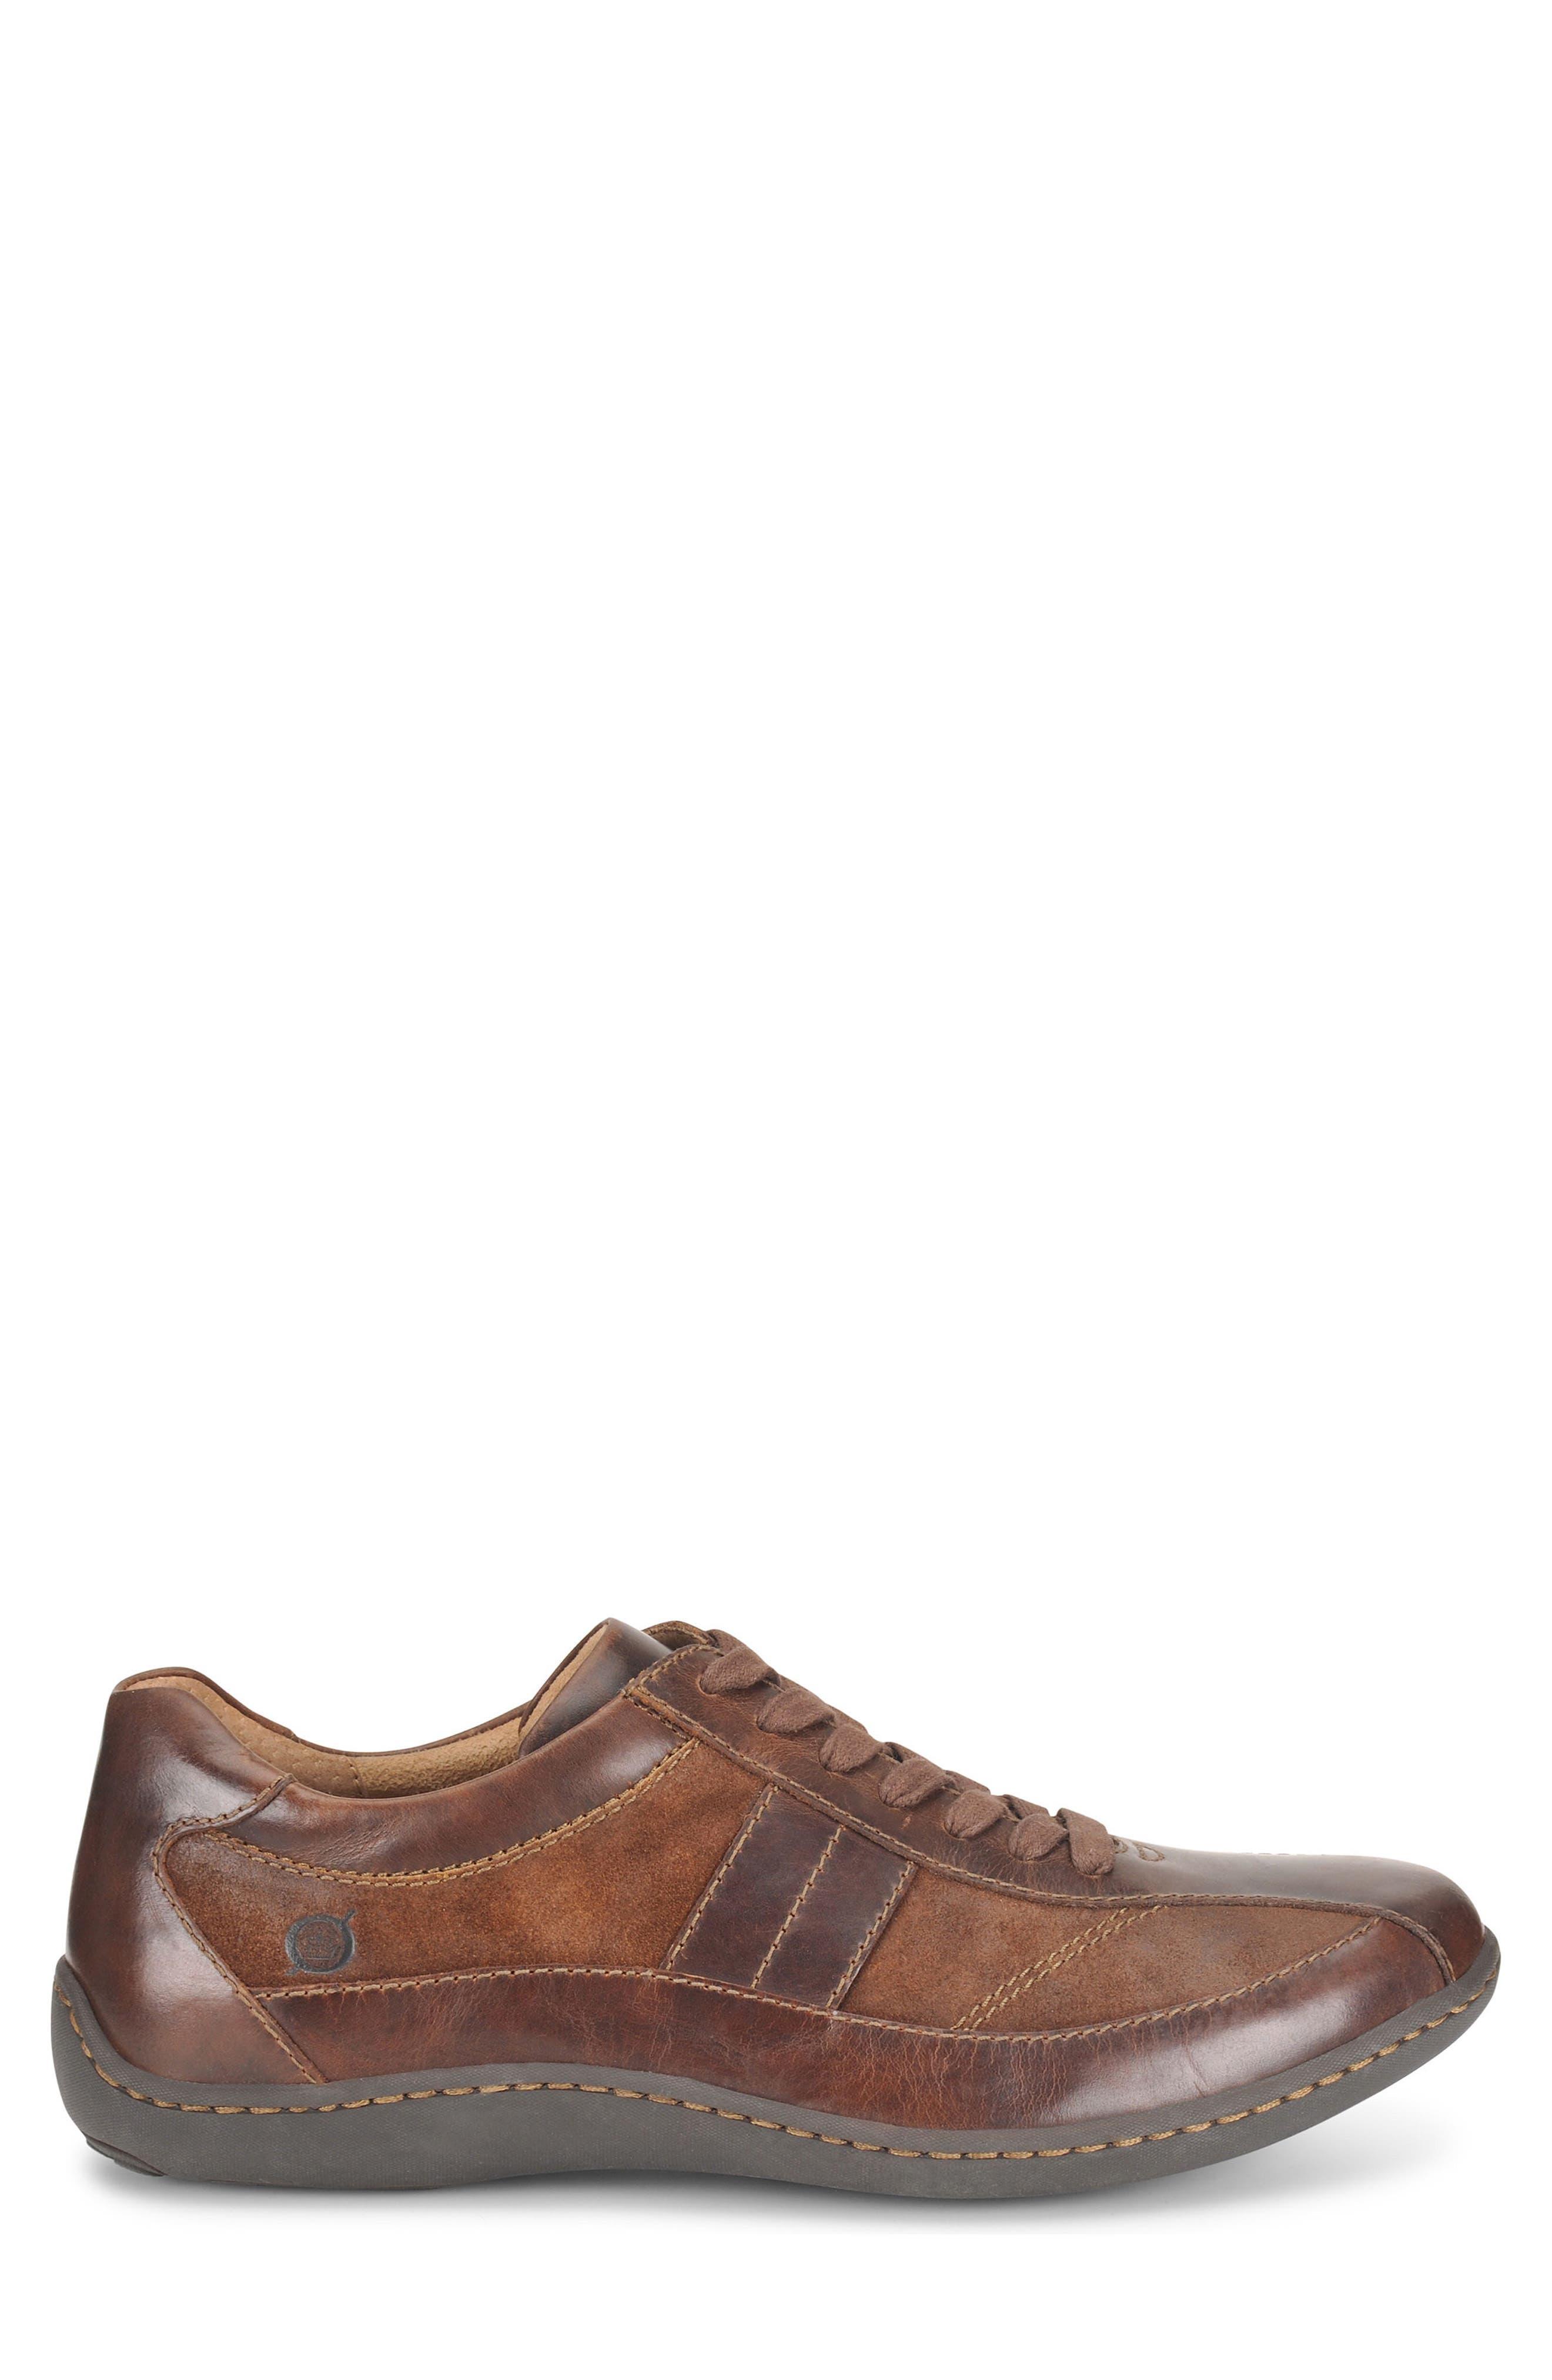 Alternate Image 3  - Børn Breves Low Top Sneaker (Men)